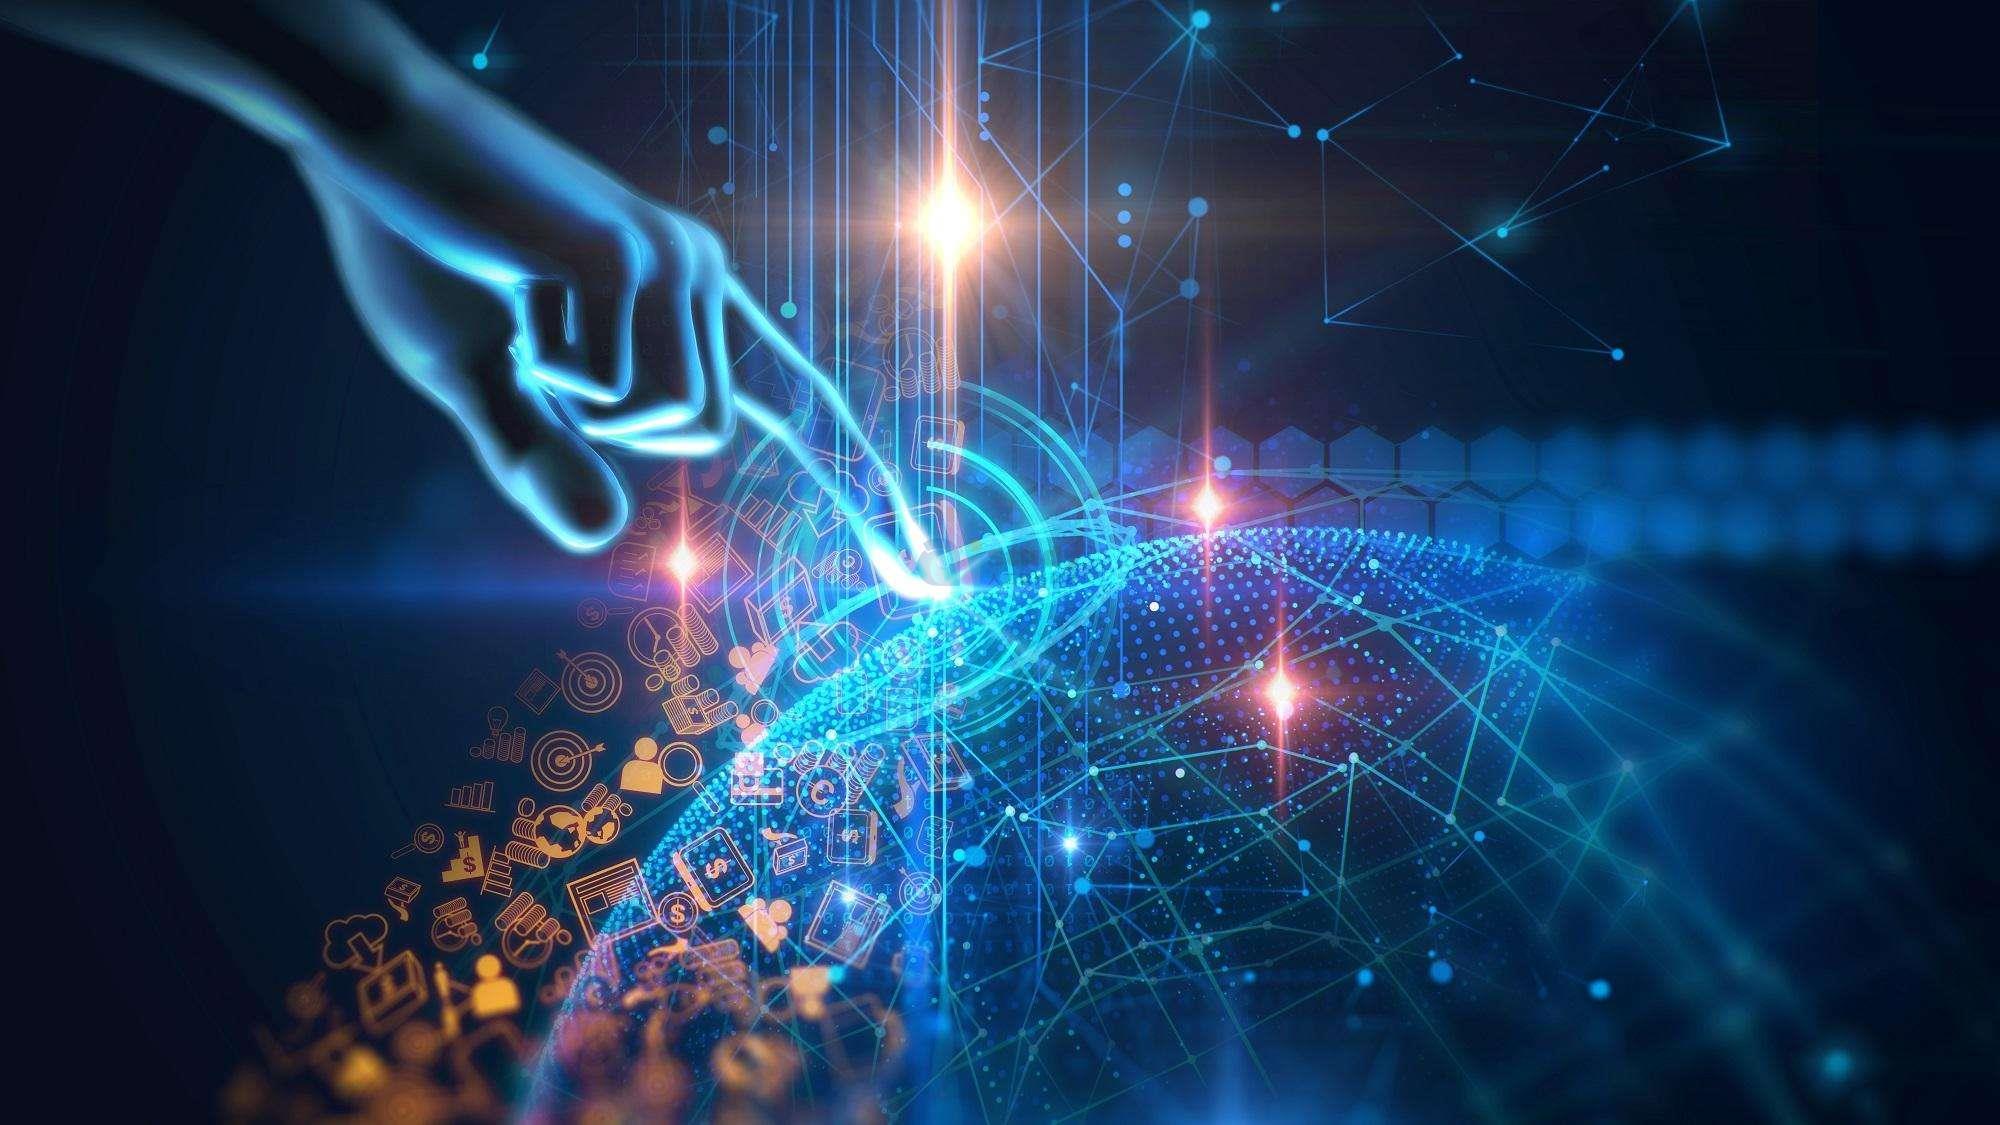 人工智能驱动着新一轮科技革命、产业变革和社会进步